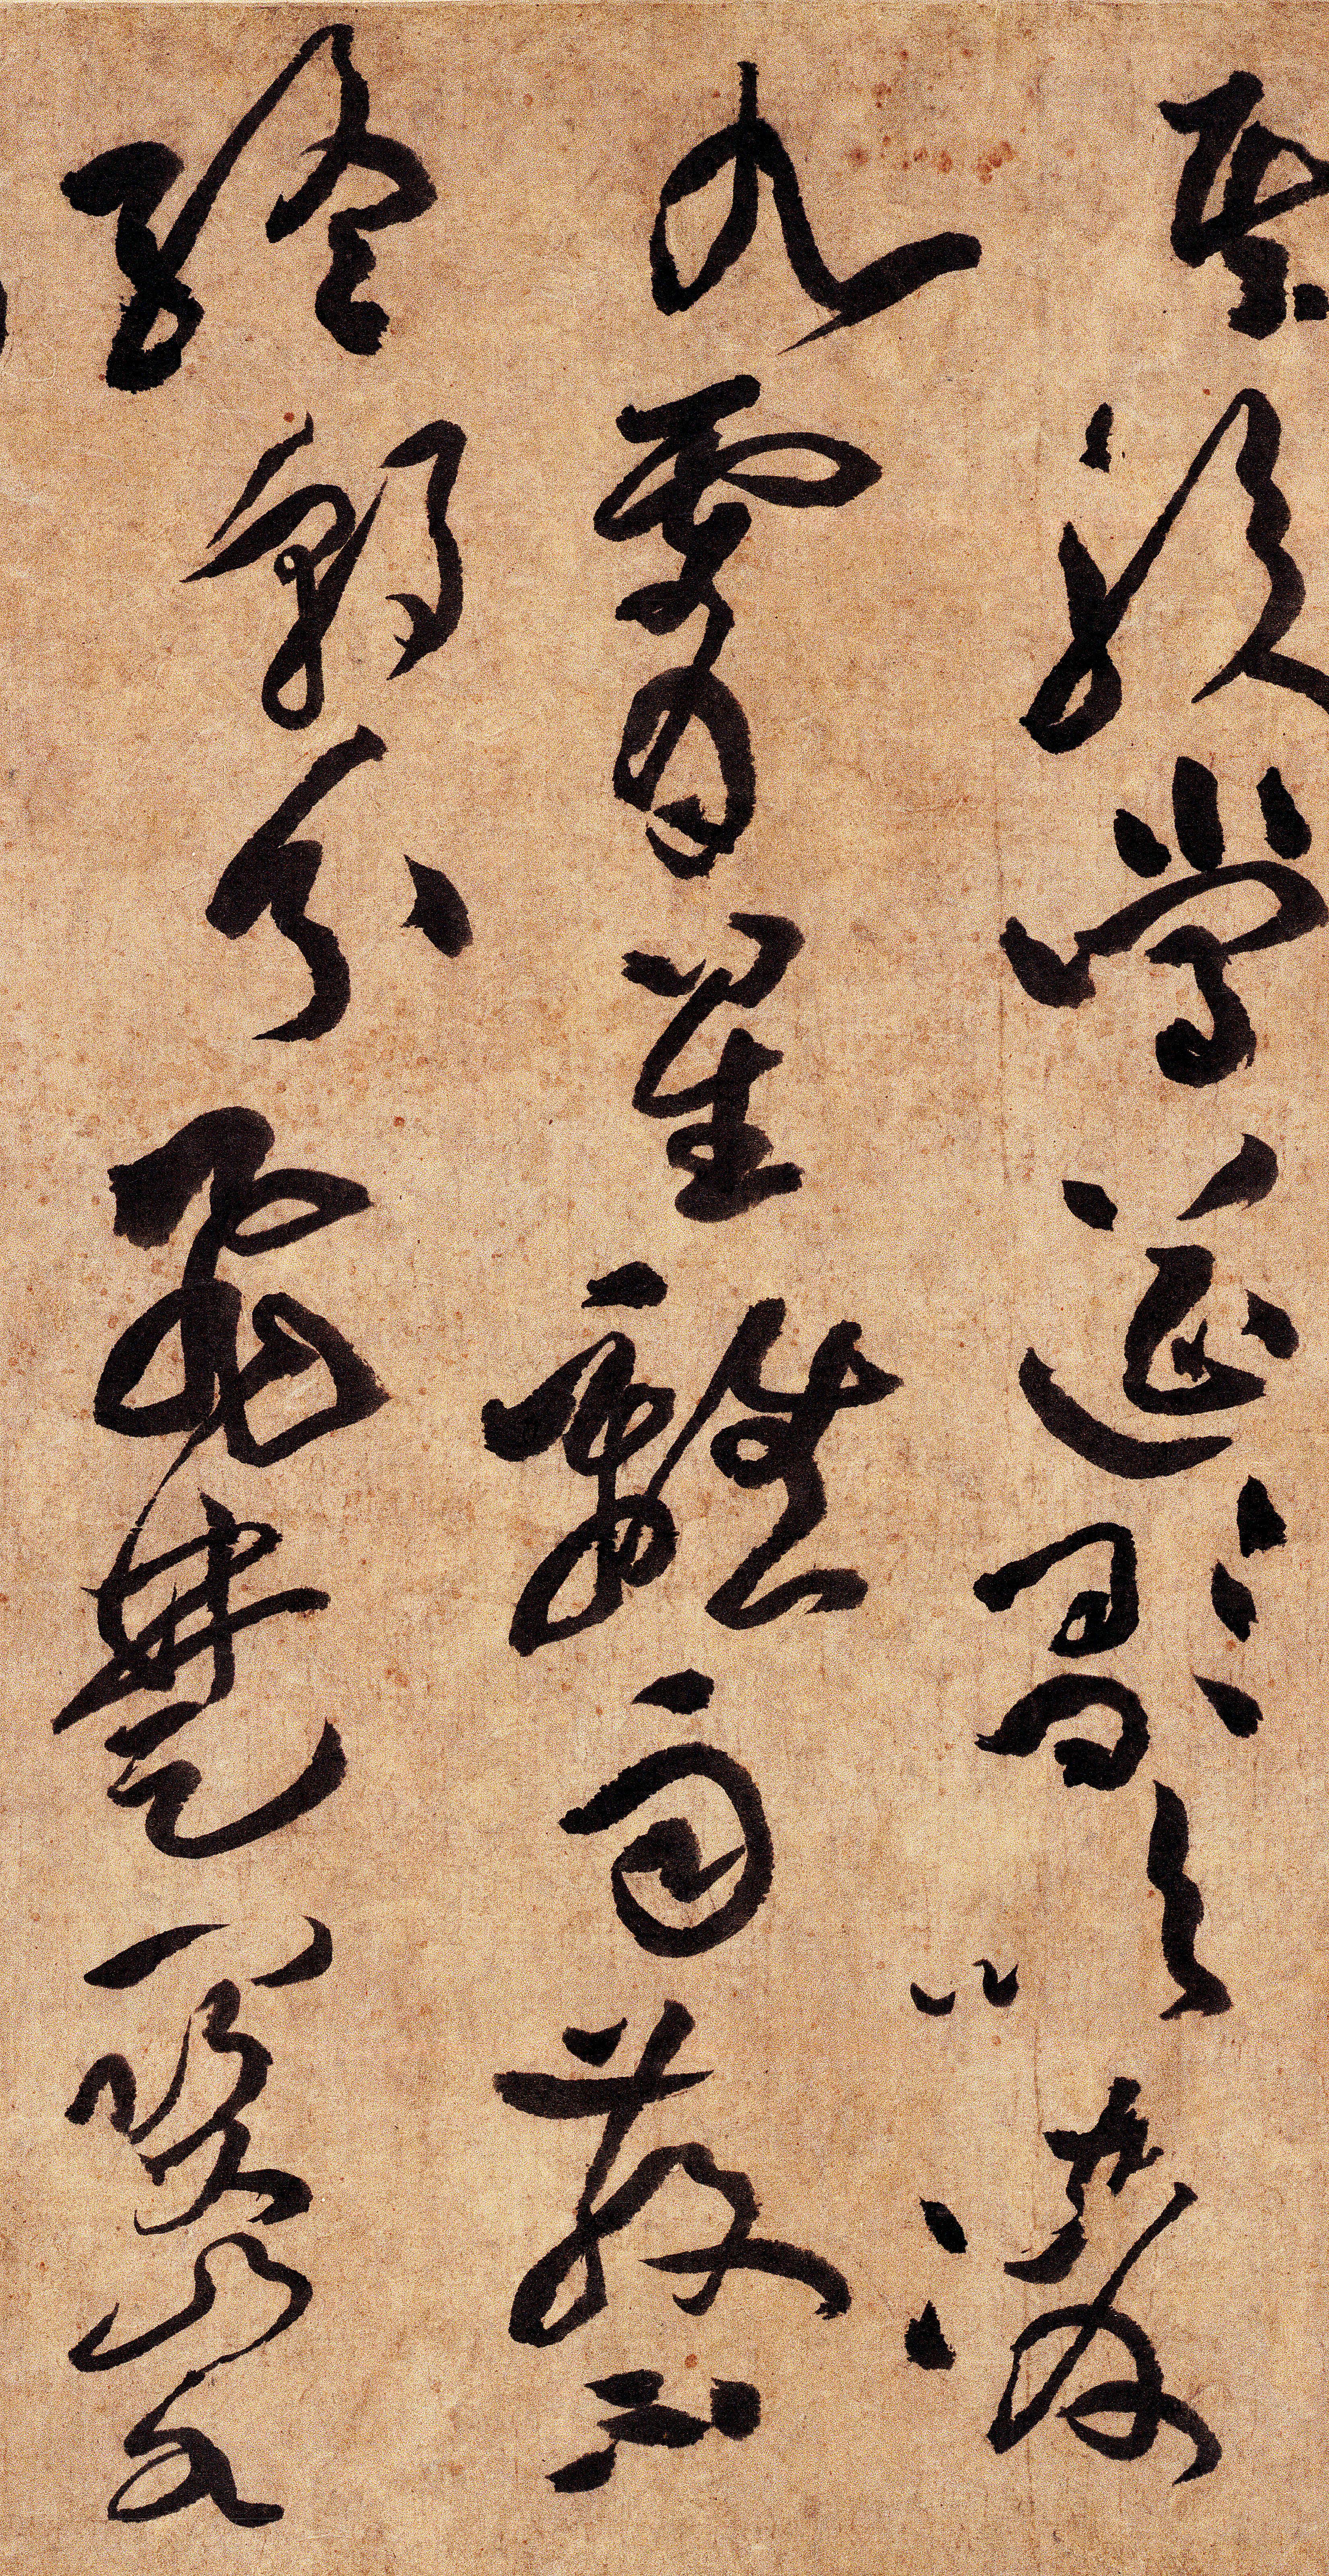 """黄庭坚凭借这幅字,被人誉为""""草圣"""",达到了神而明之的境界"""